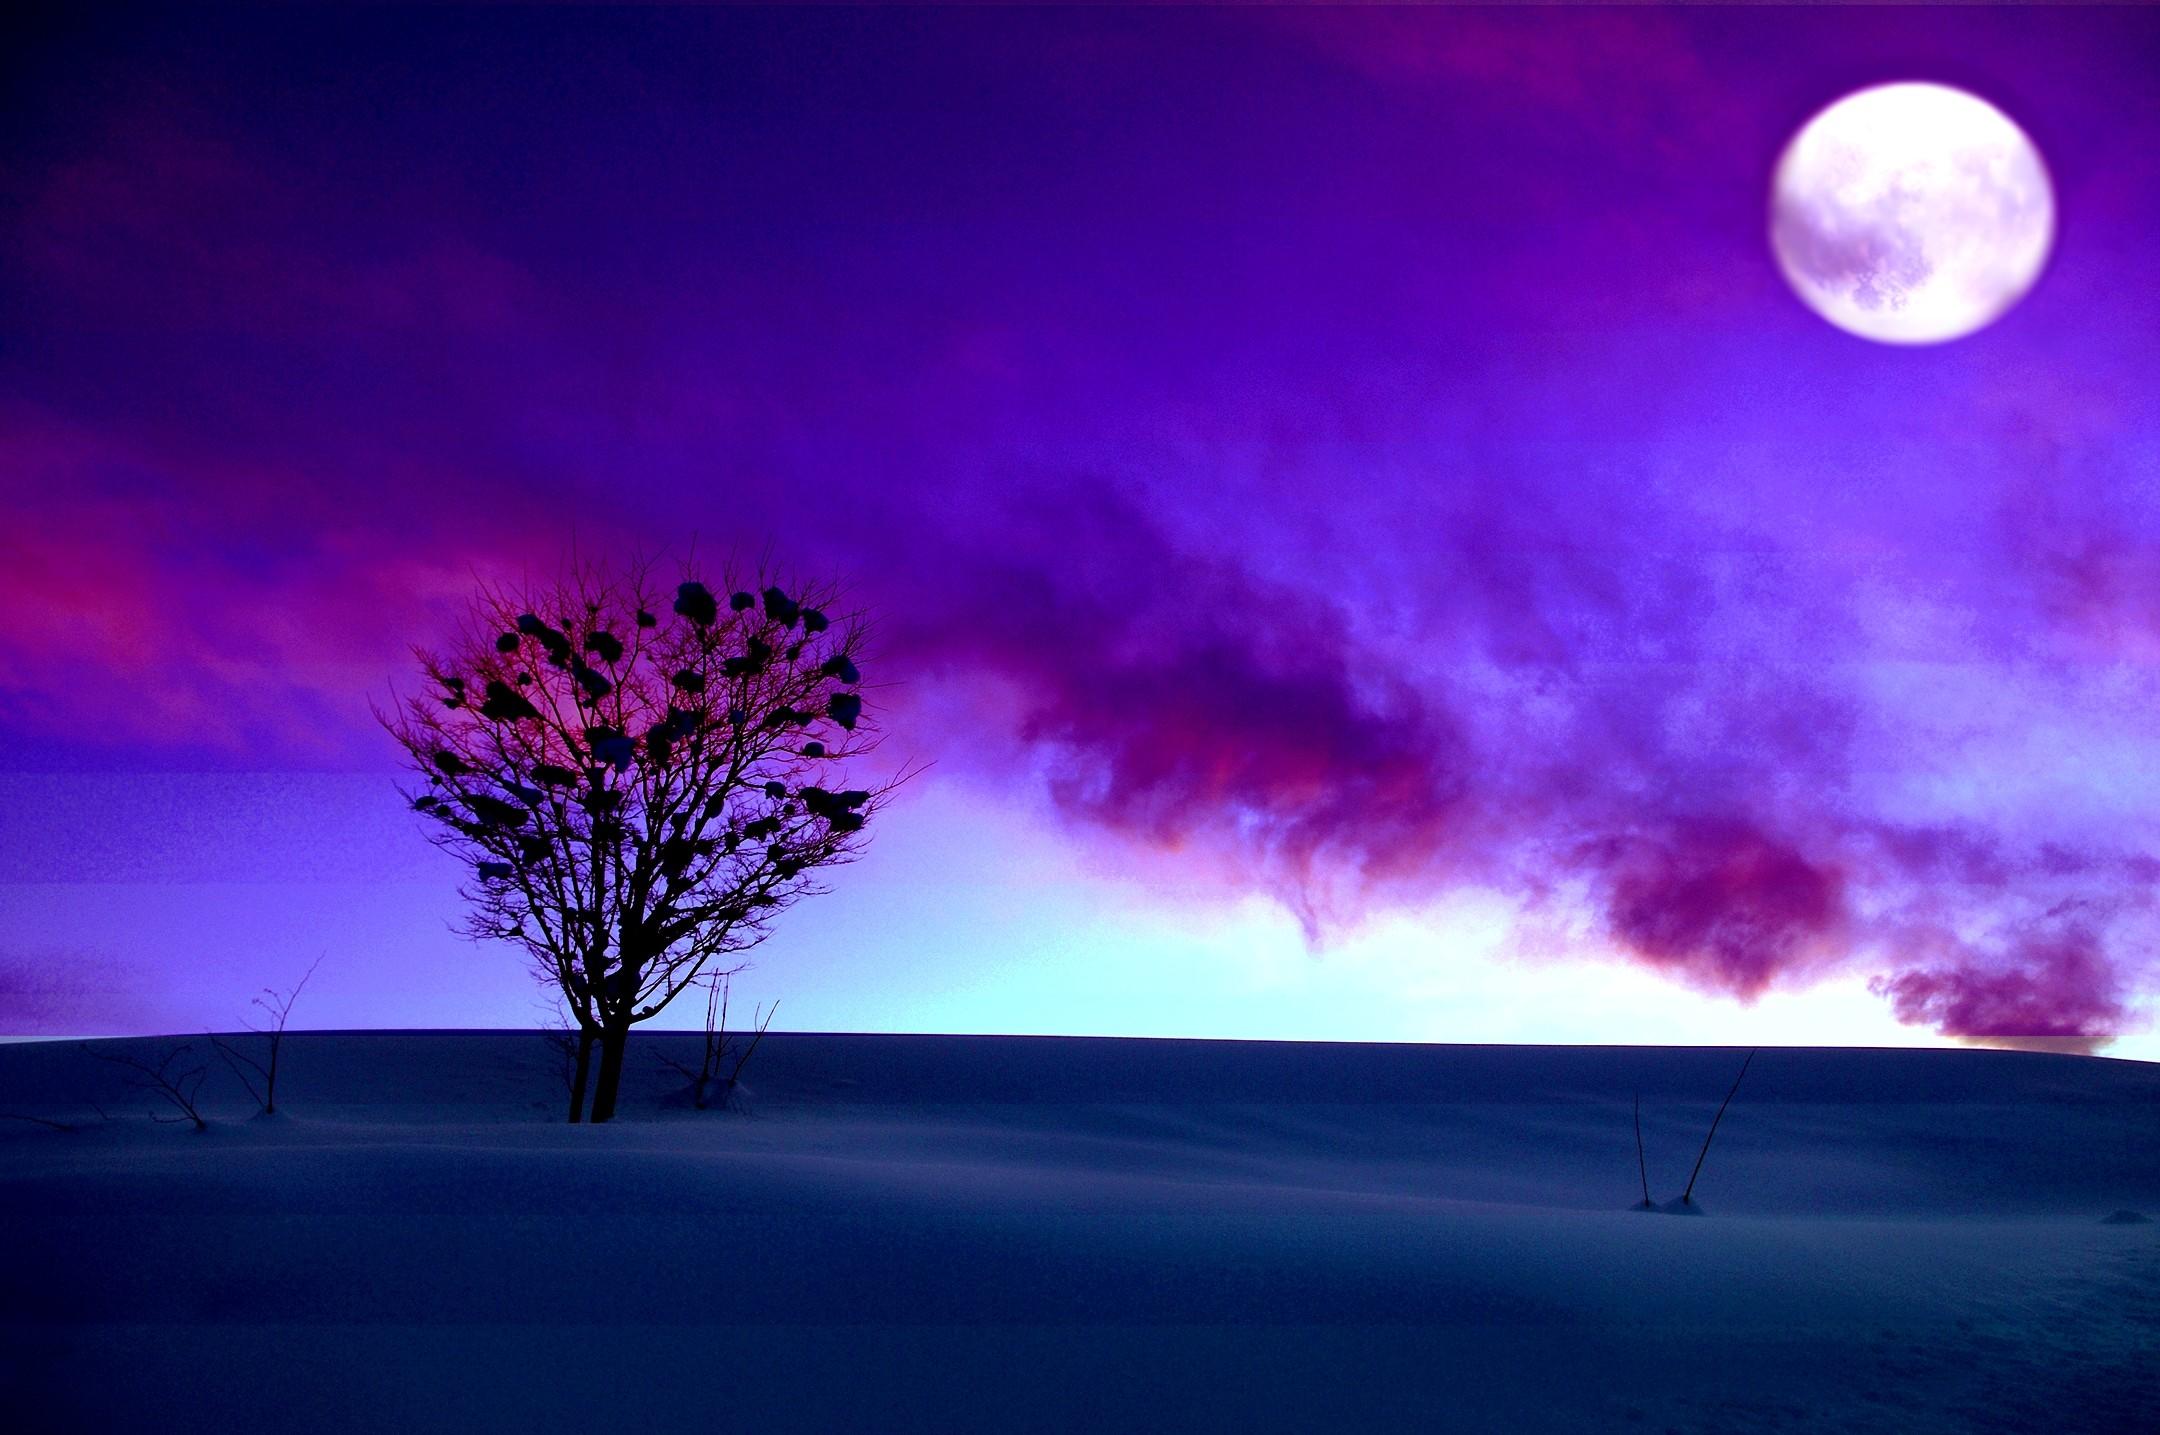 Full moon in purple winter sunset hd wallpaper - Purple moon wallpaper ...